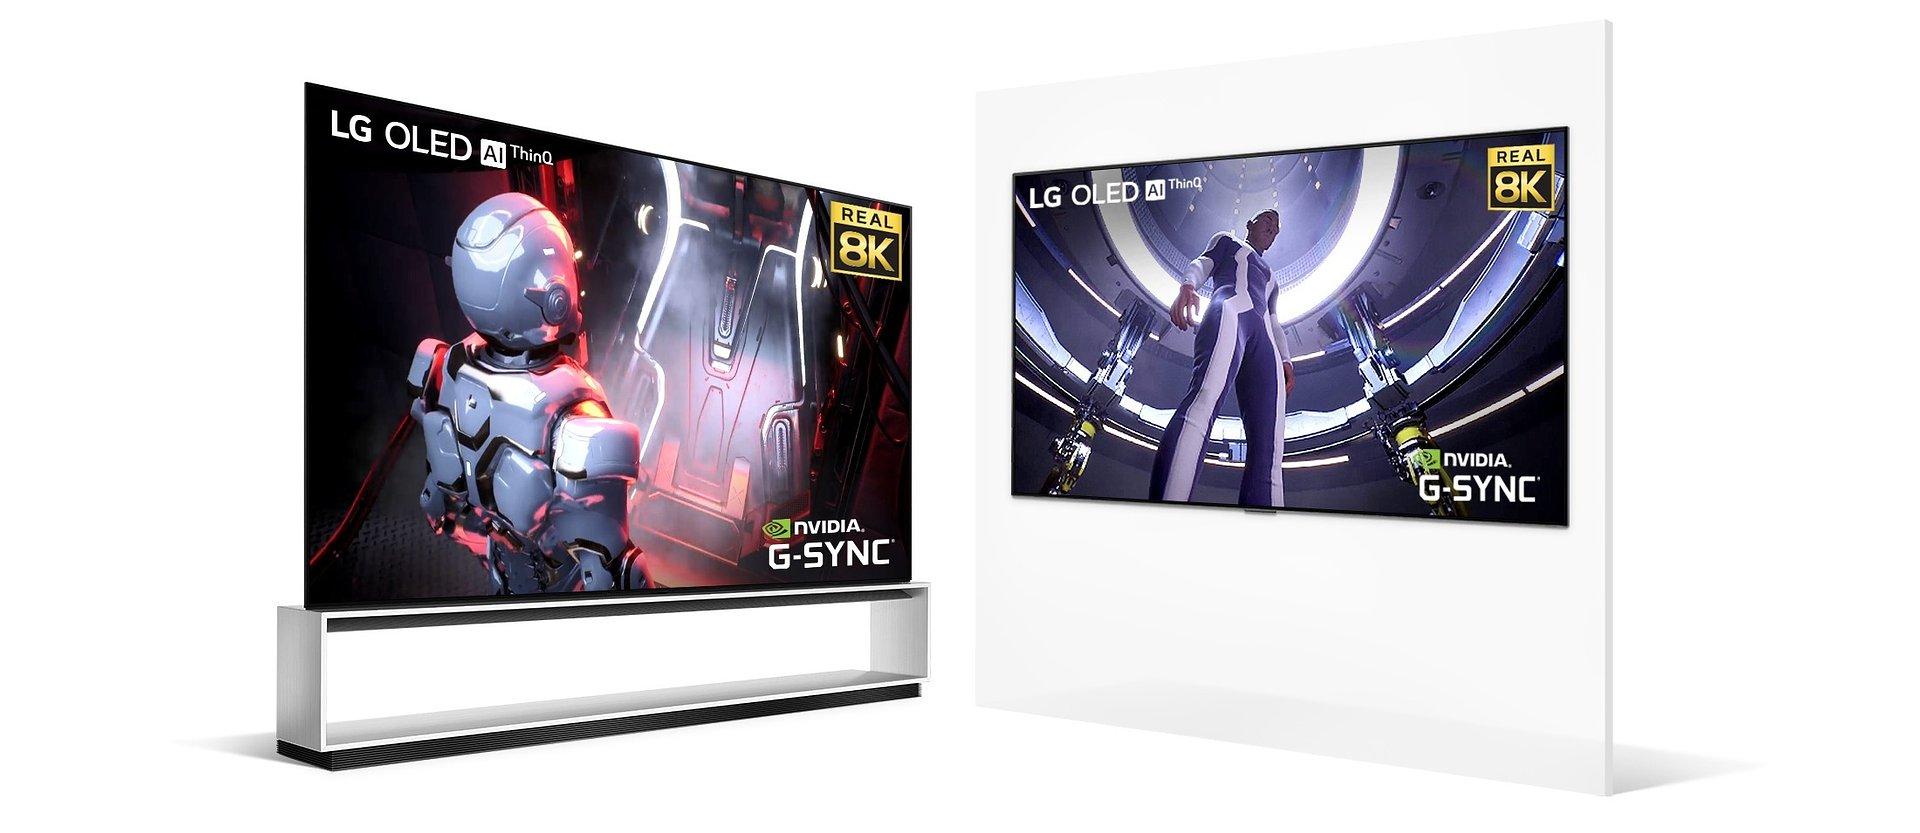 LG i NVIDIA łączą siły! Gry w rozdzielczości 8K na telewizorach LG OLED 8K